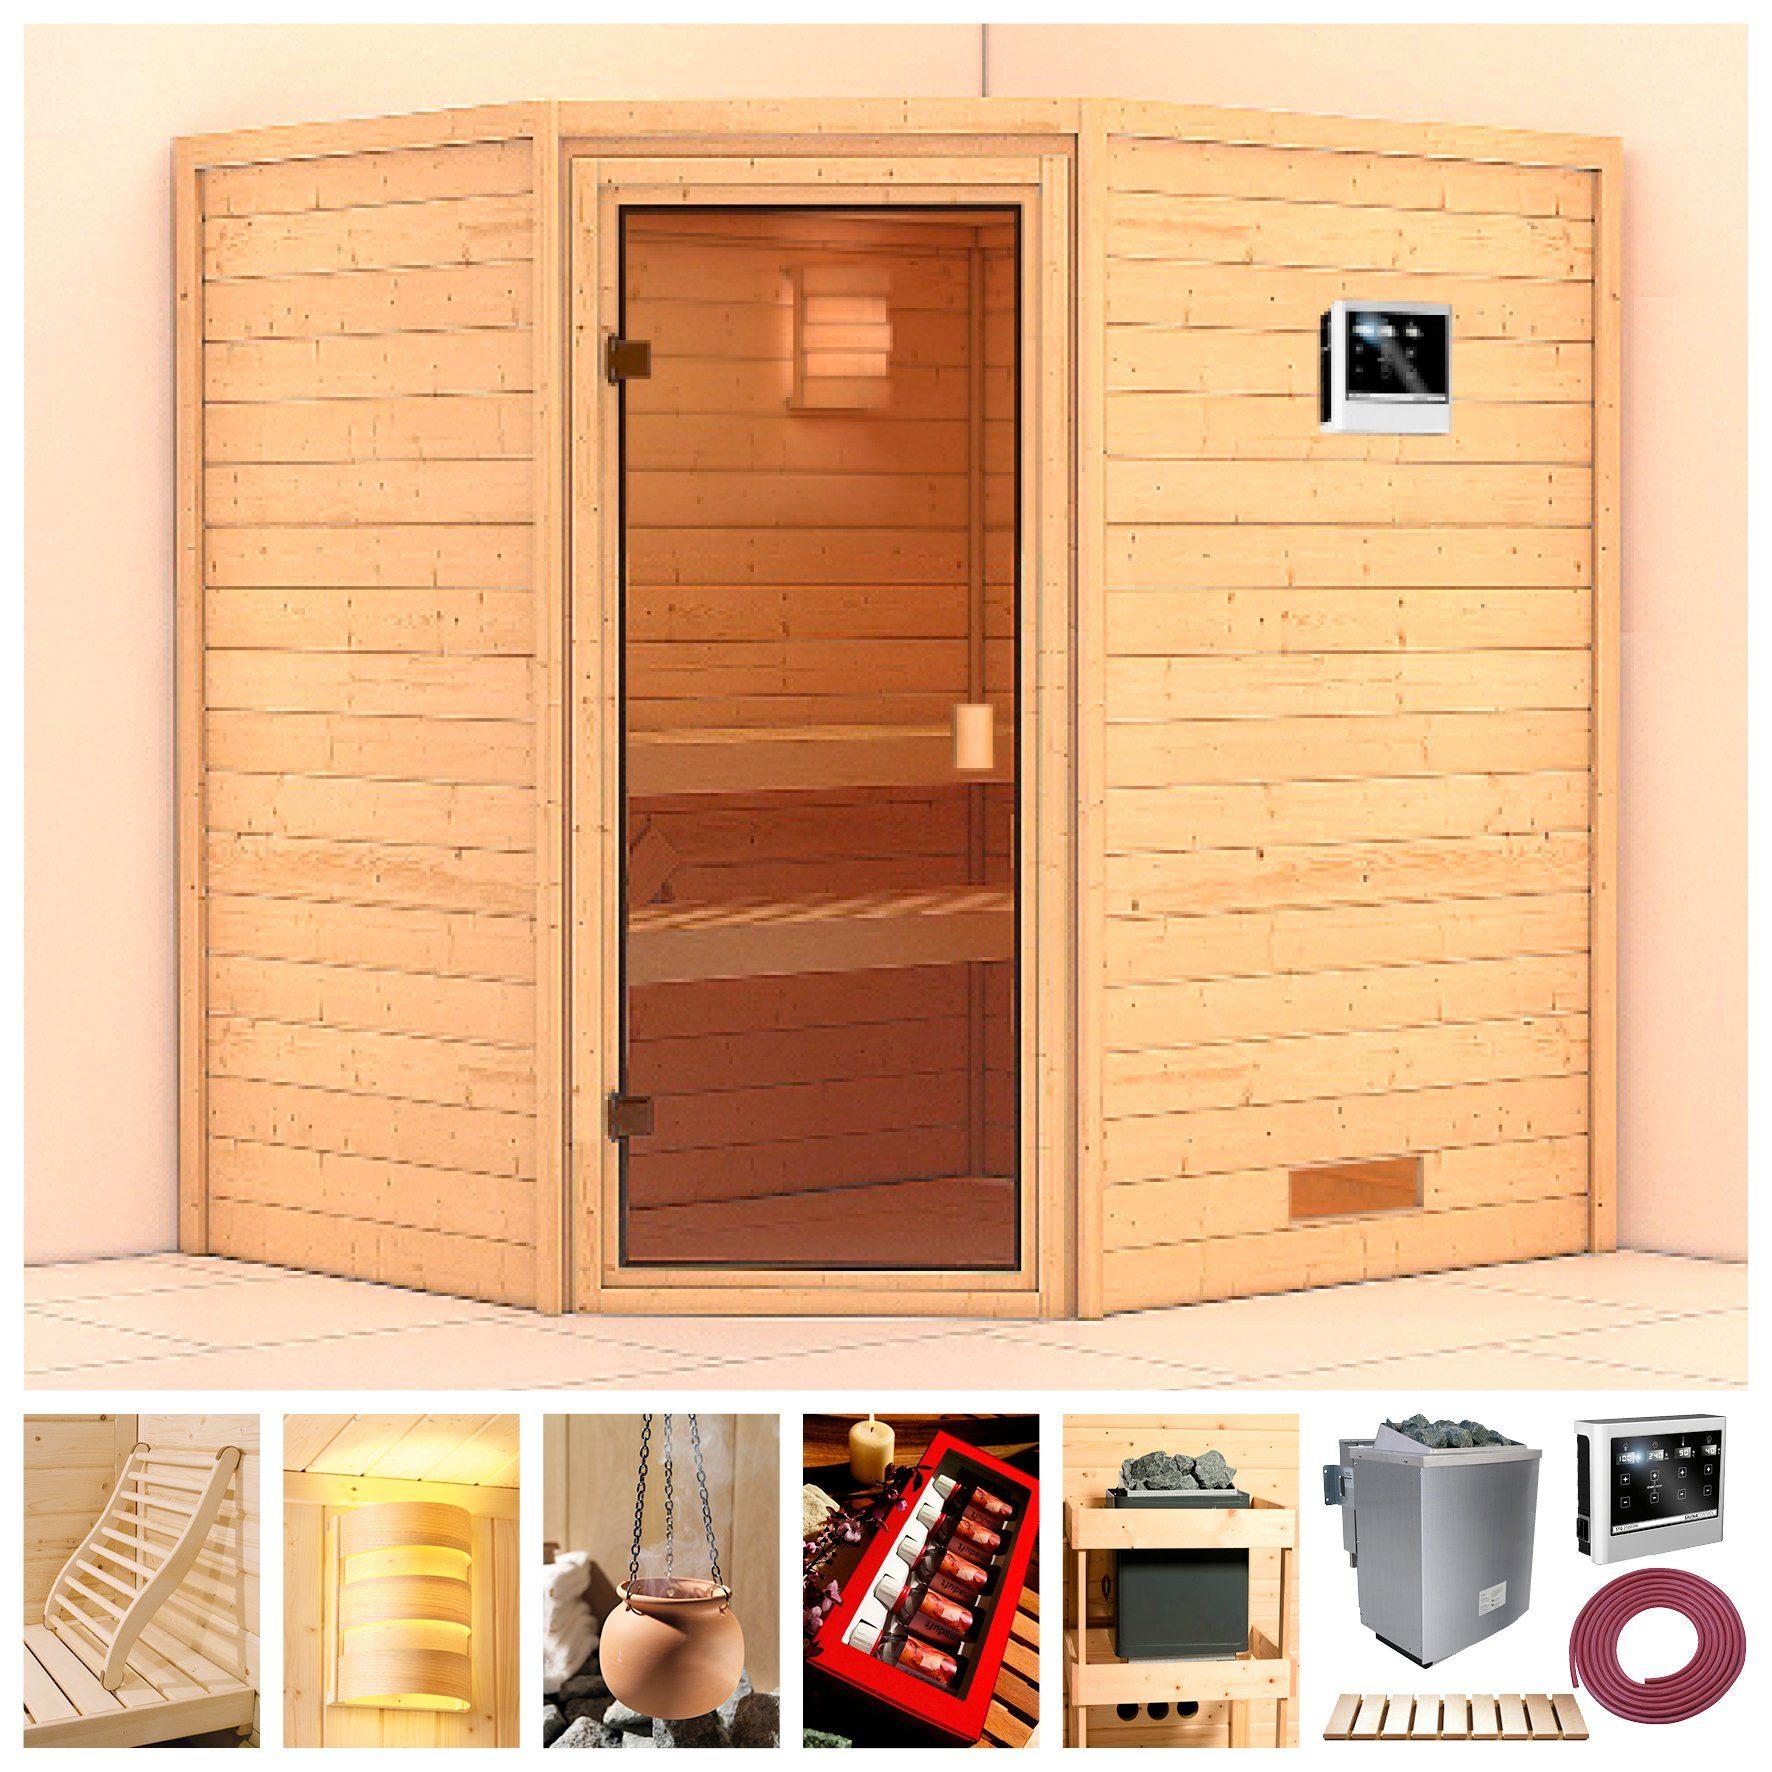 KARIBU Sauna »Langeoog«, BxTxH: 196x170x198 cm, 9 kW Ofen mit ext. Steuerung